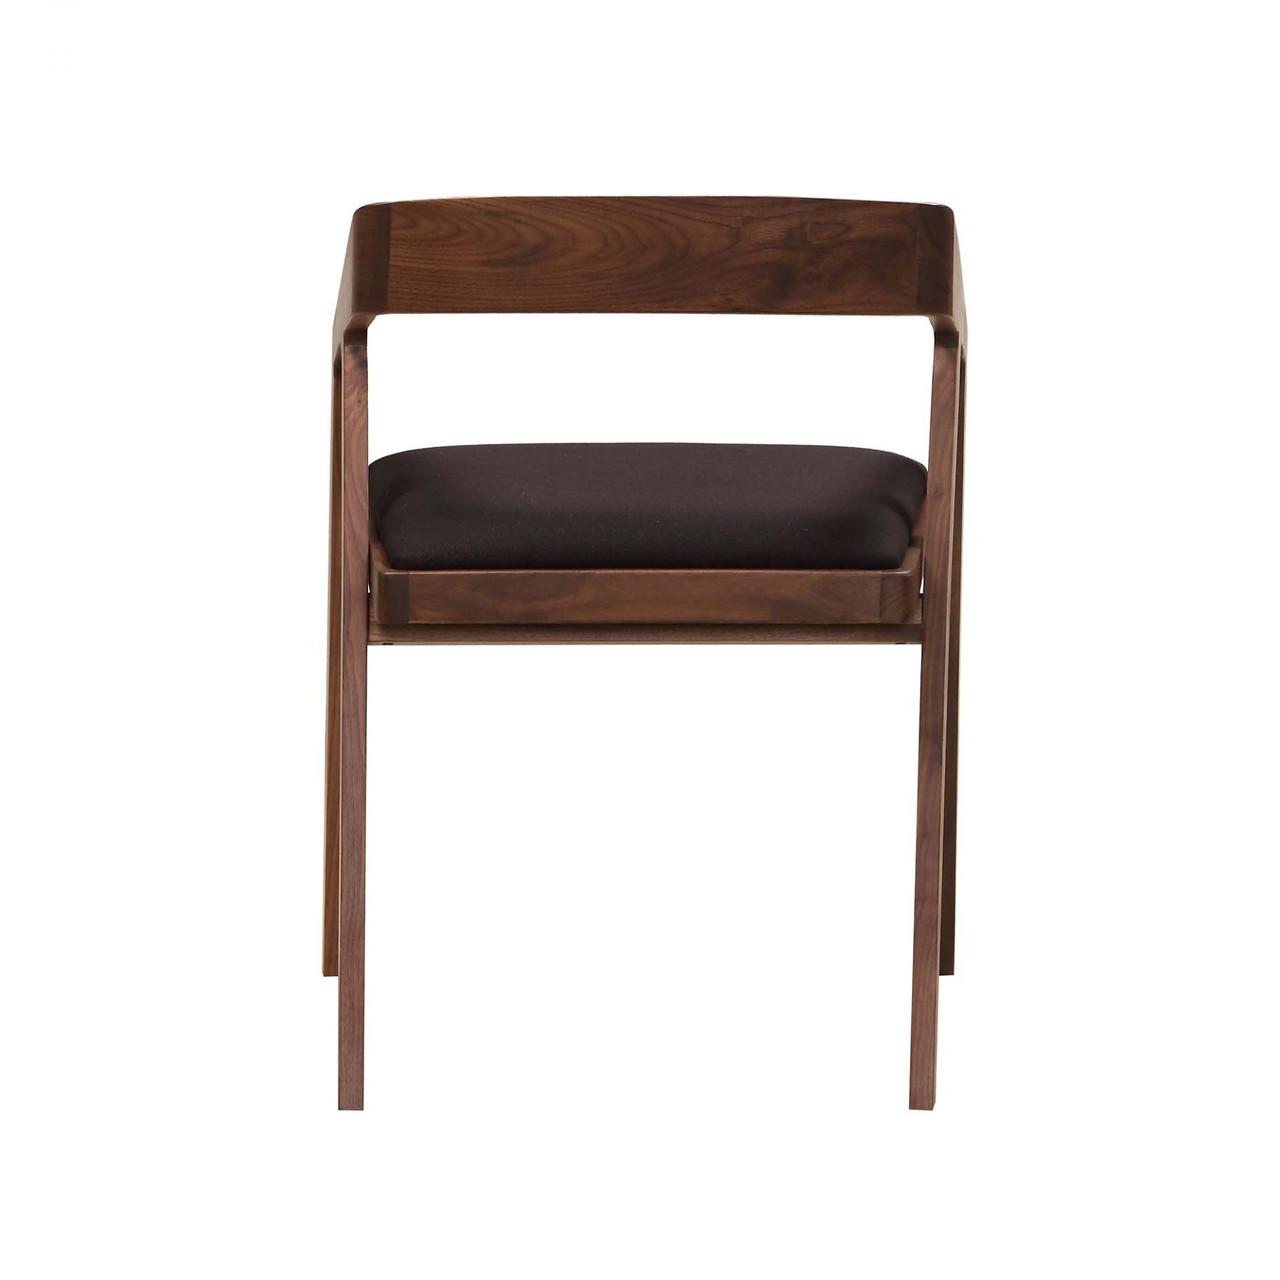 Pedre Arm Chair Black